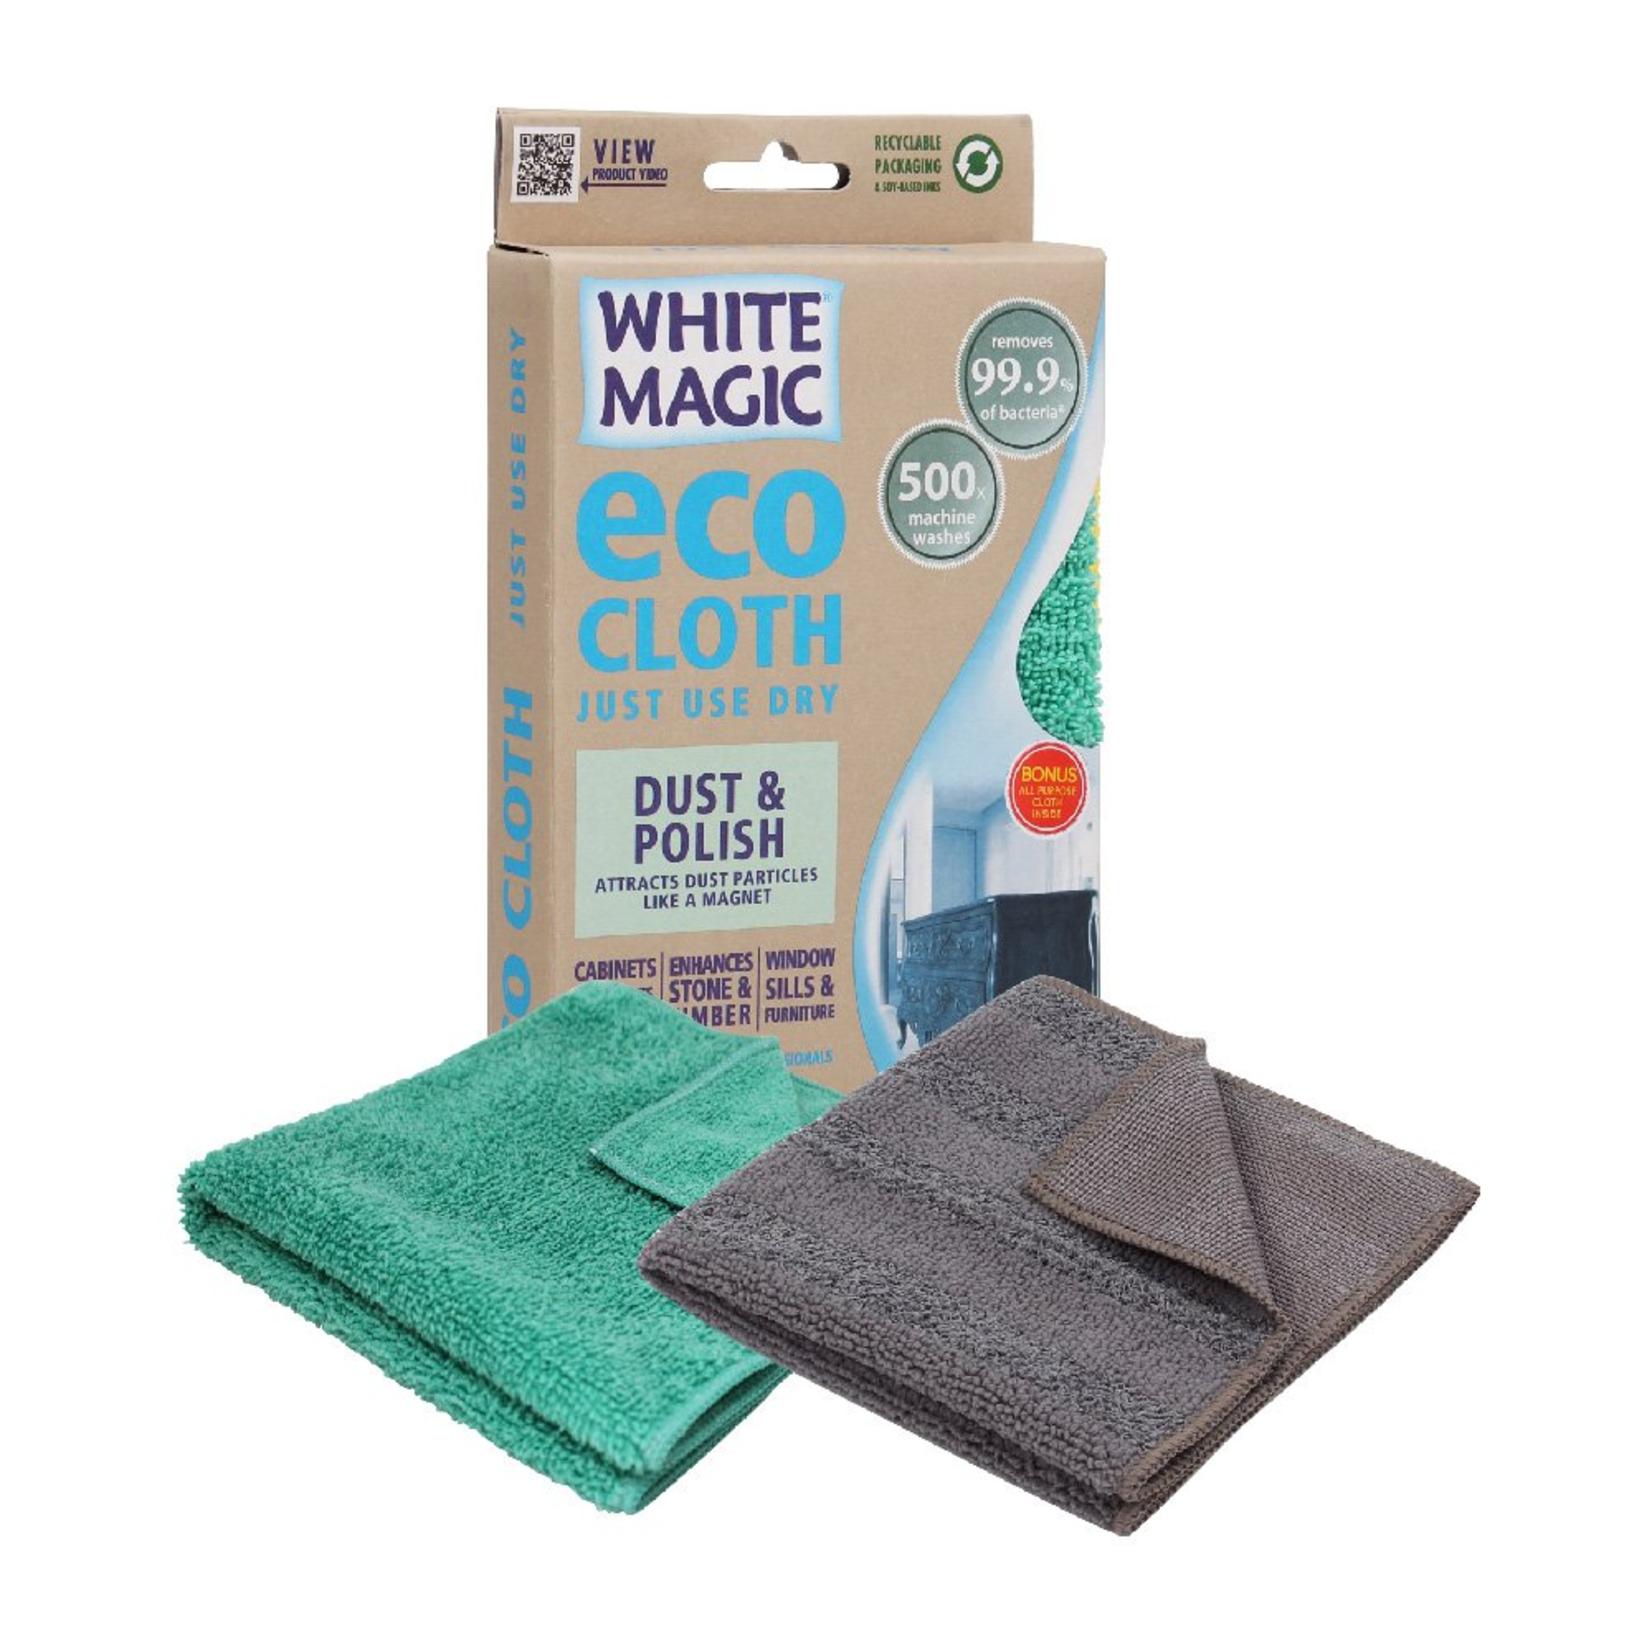 White Magic White Magic Eco Cloth Dust & Polish